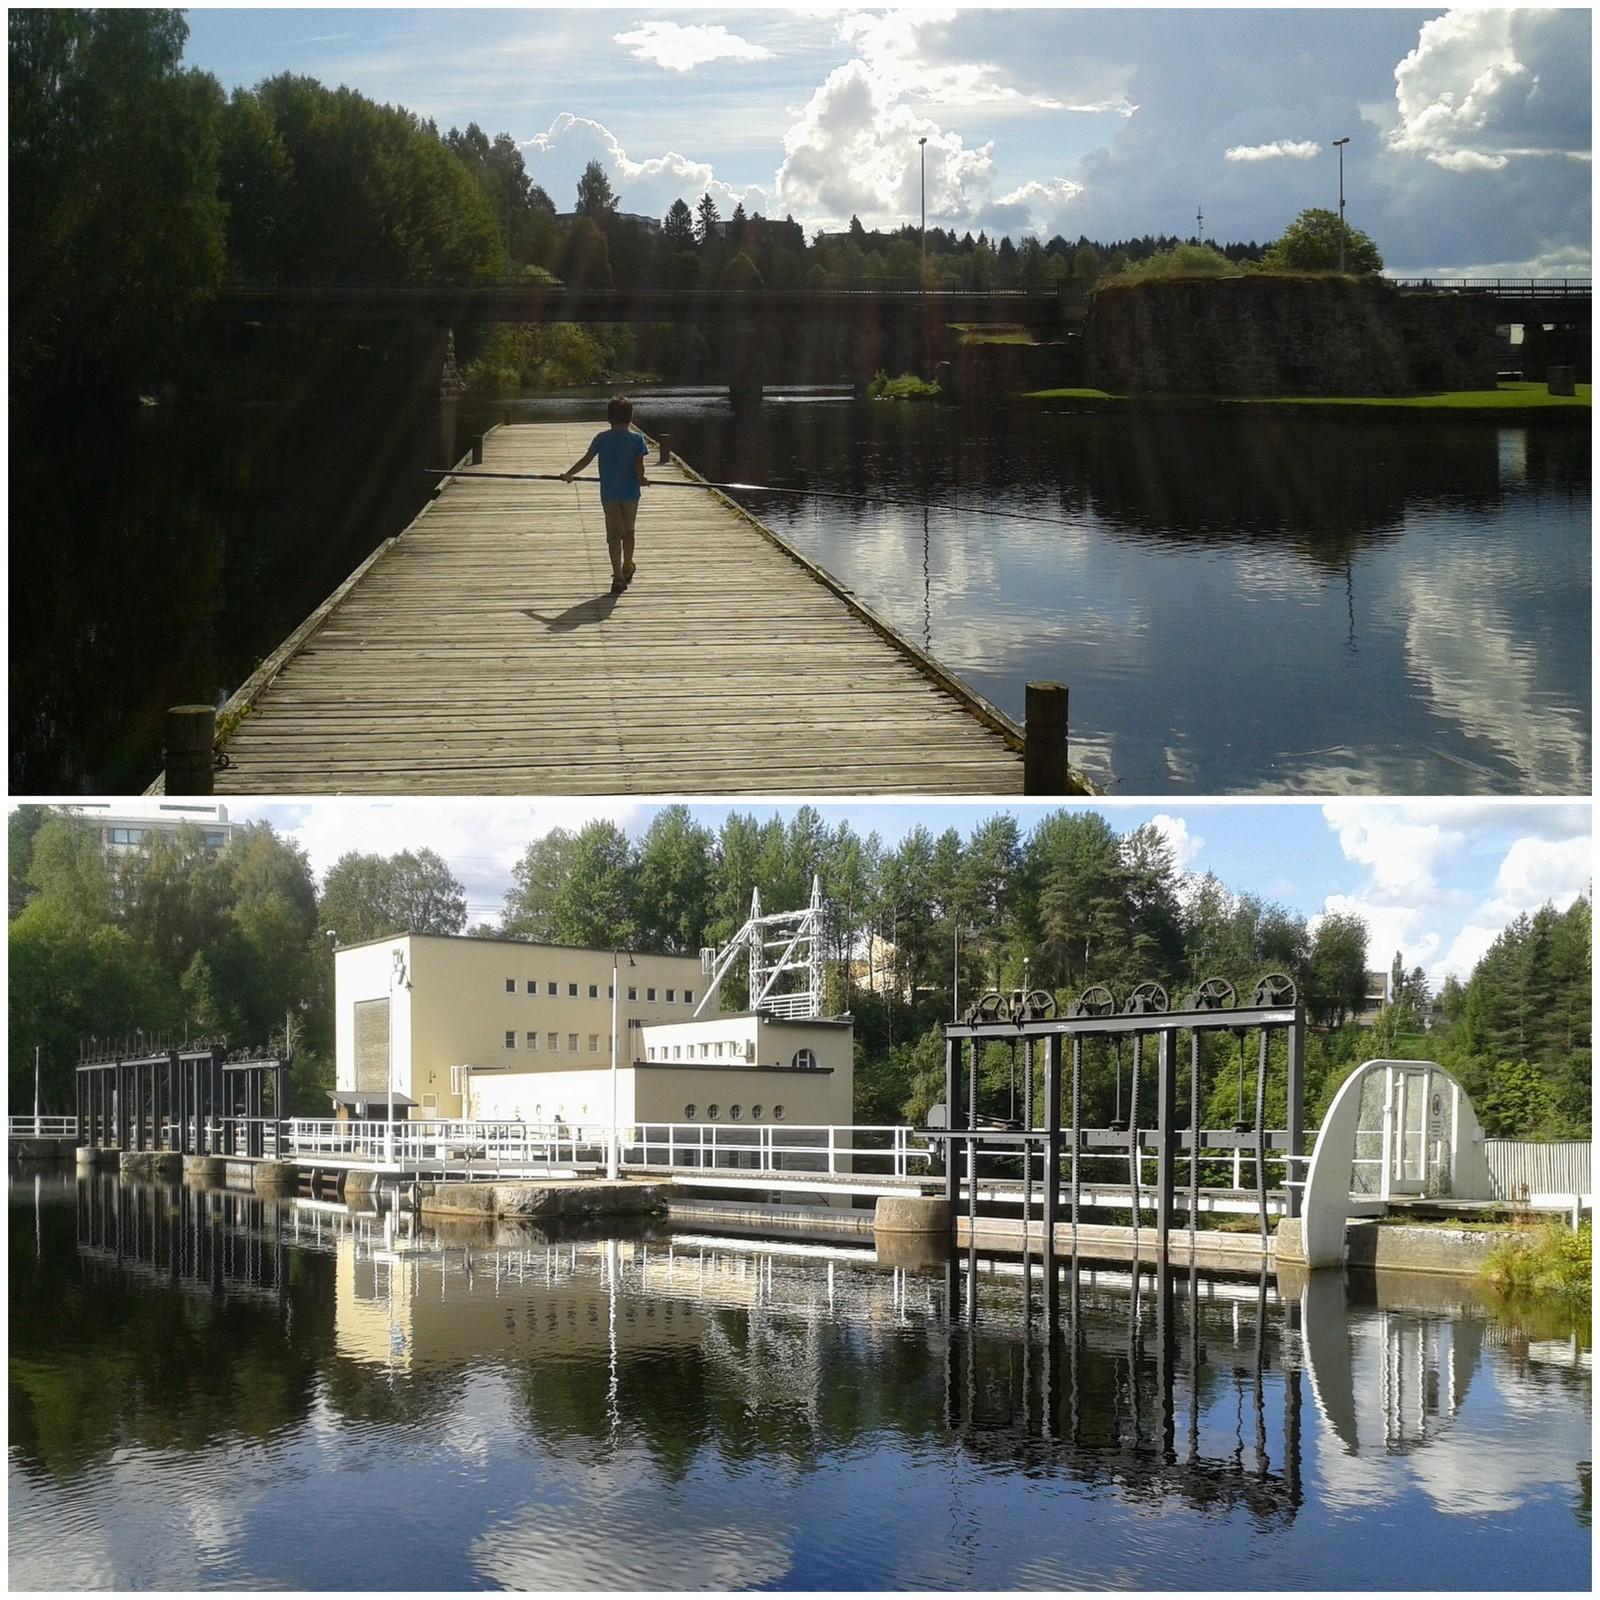 Taukopaikat. Voimalaitos ei äkkiseltään kuulosta niin houkuttelevalta nähtävyydeltä, mutta Kajaanin rantapuistossa se kyllä erottuu edukseen.